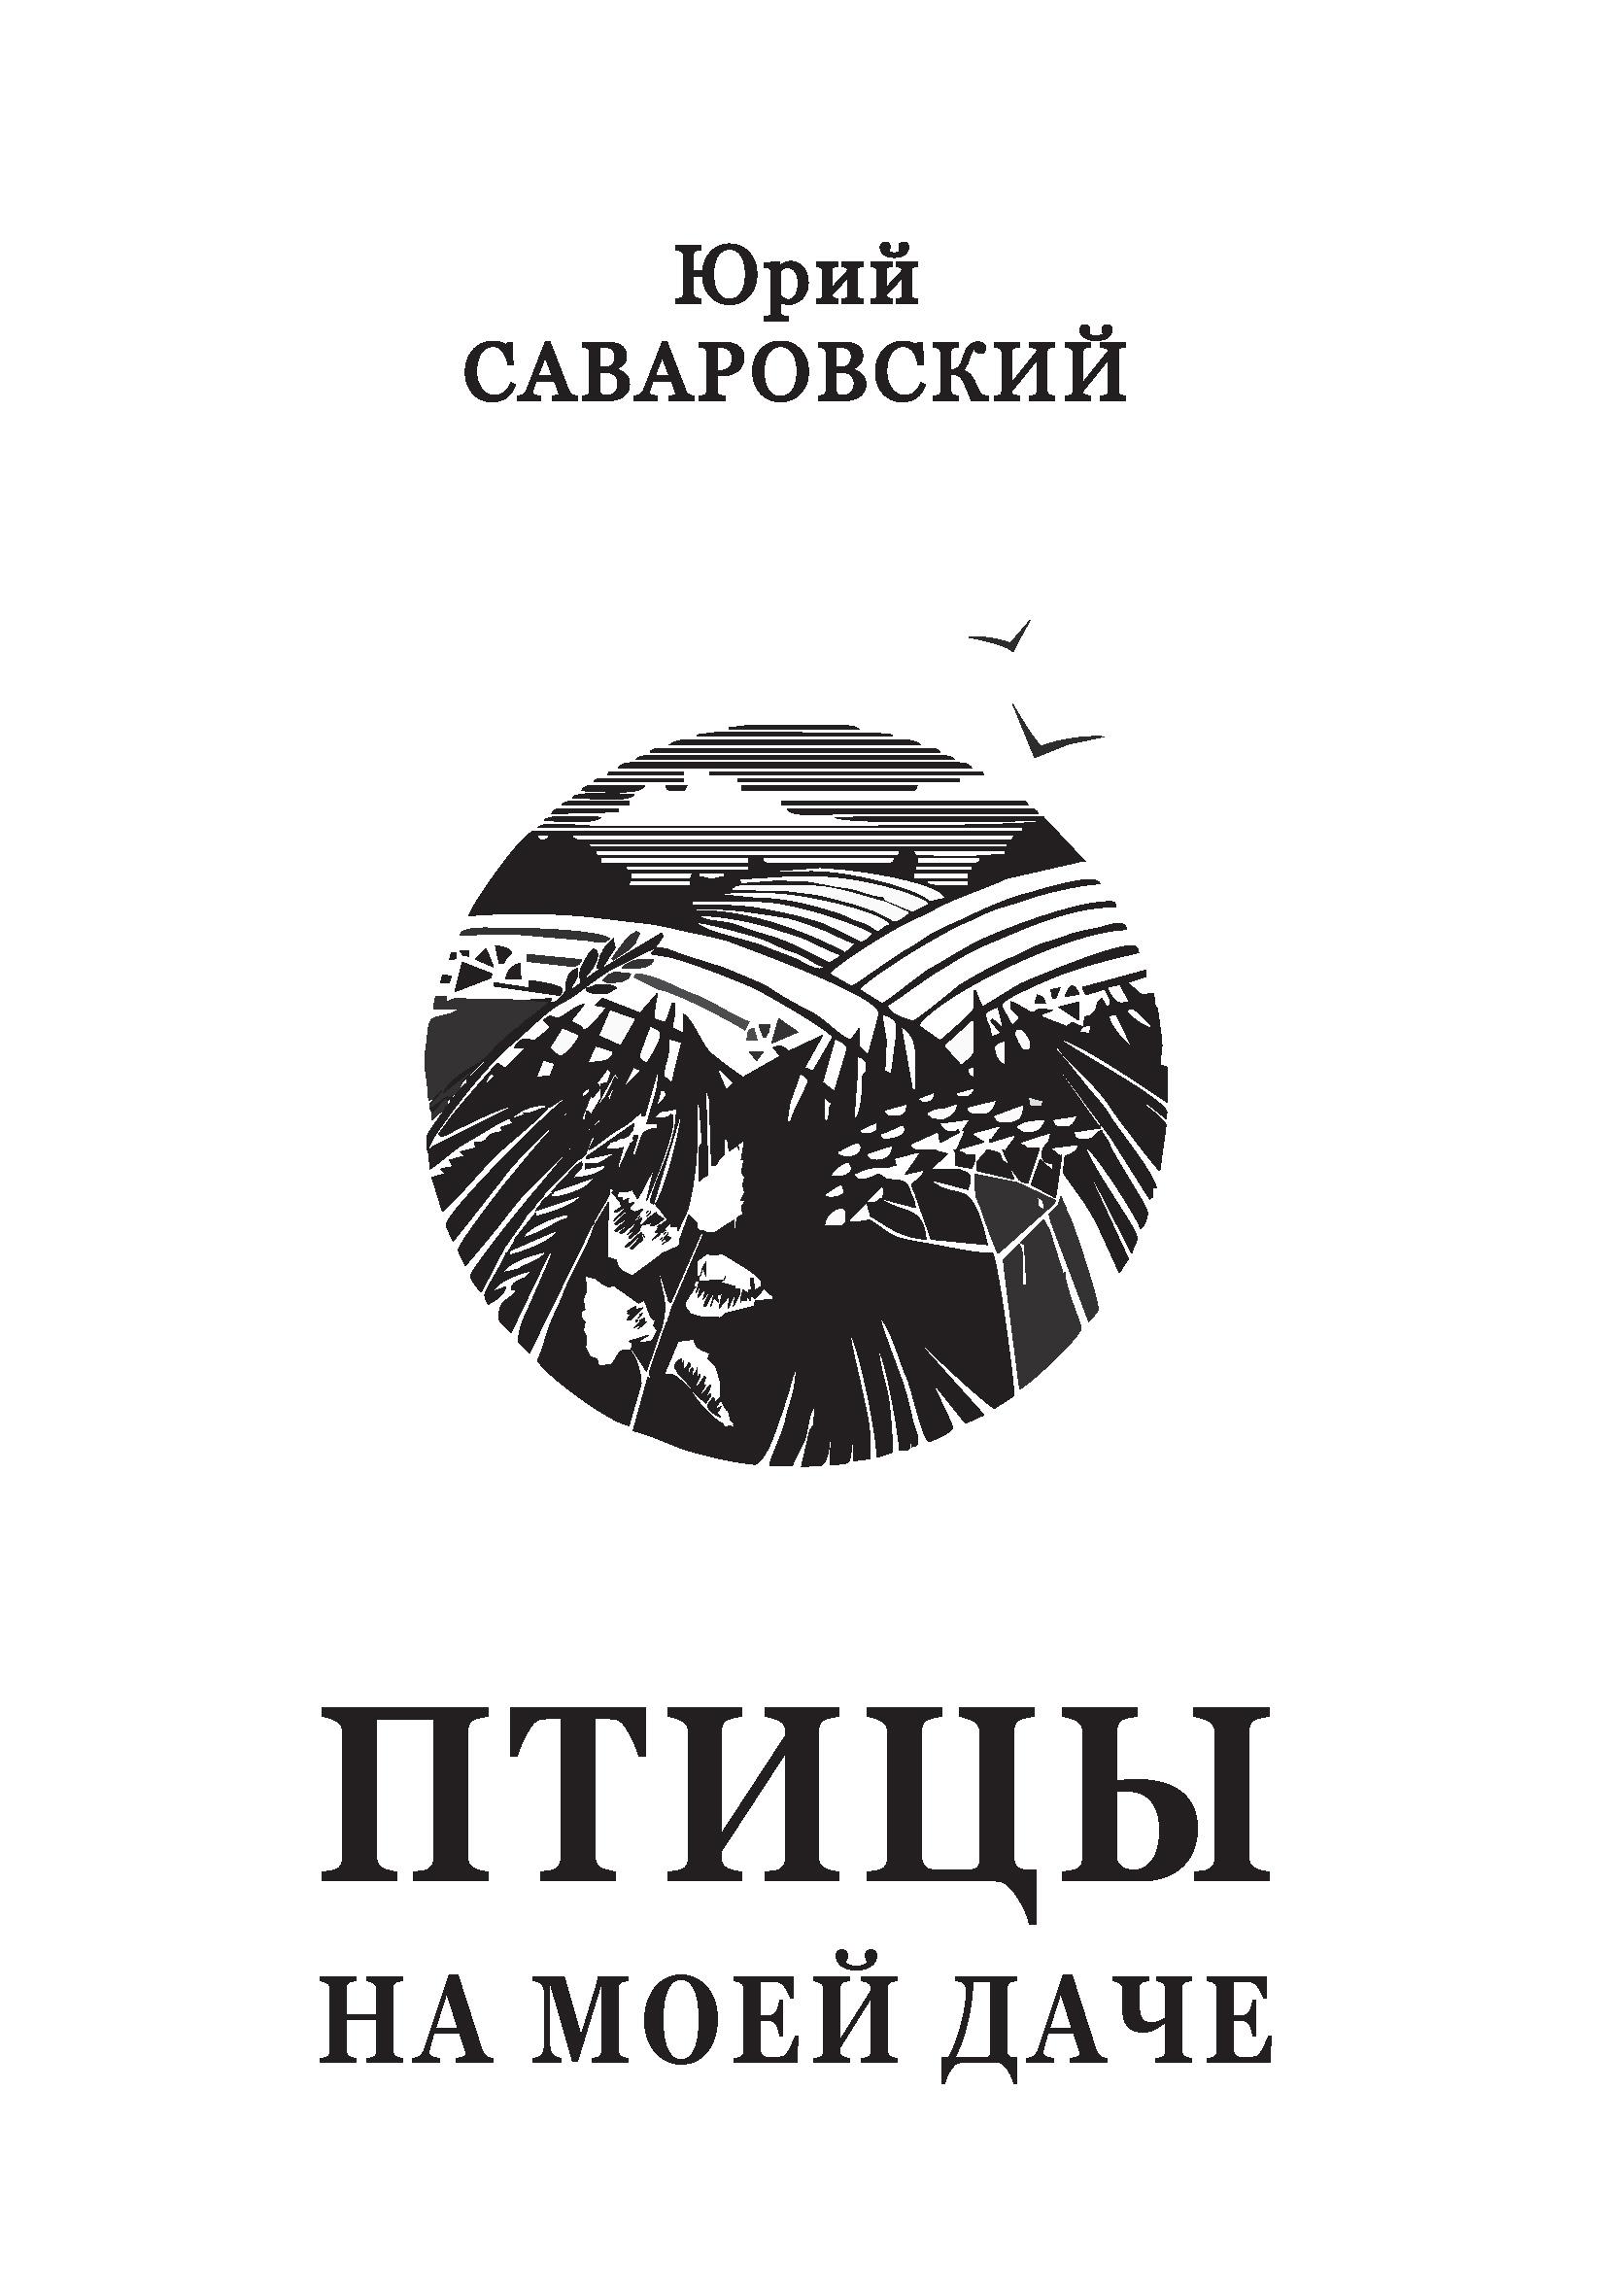 Юрий Саваровский Птицы на моей даче (сборник) электротовары дубна